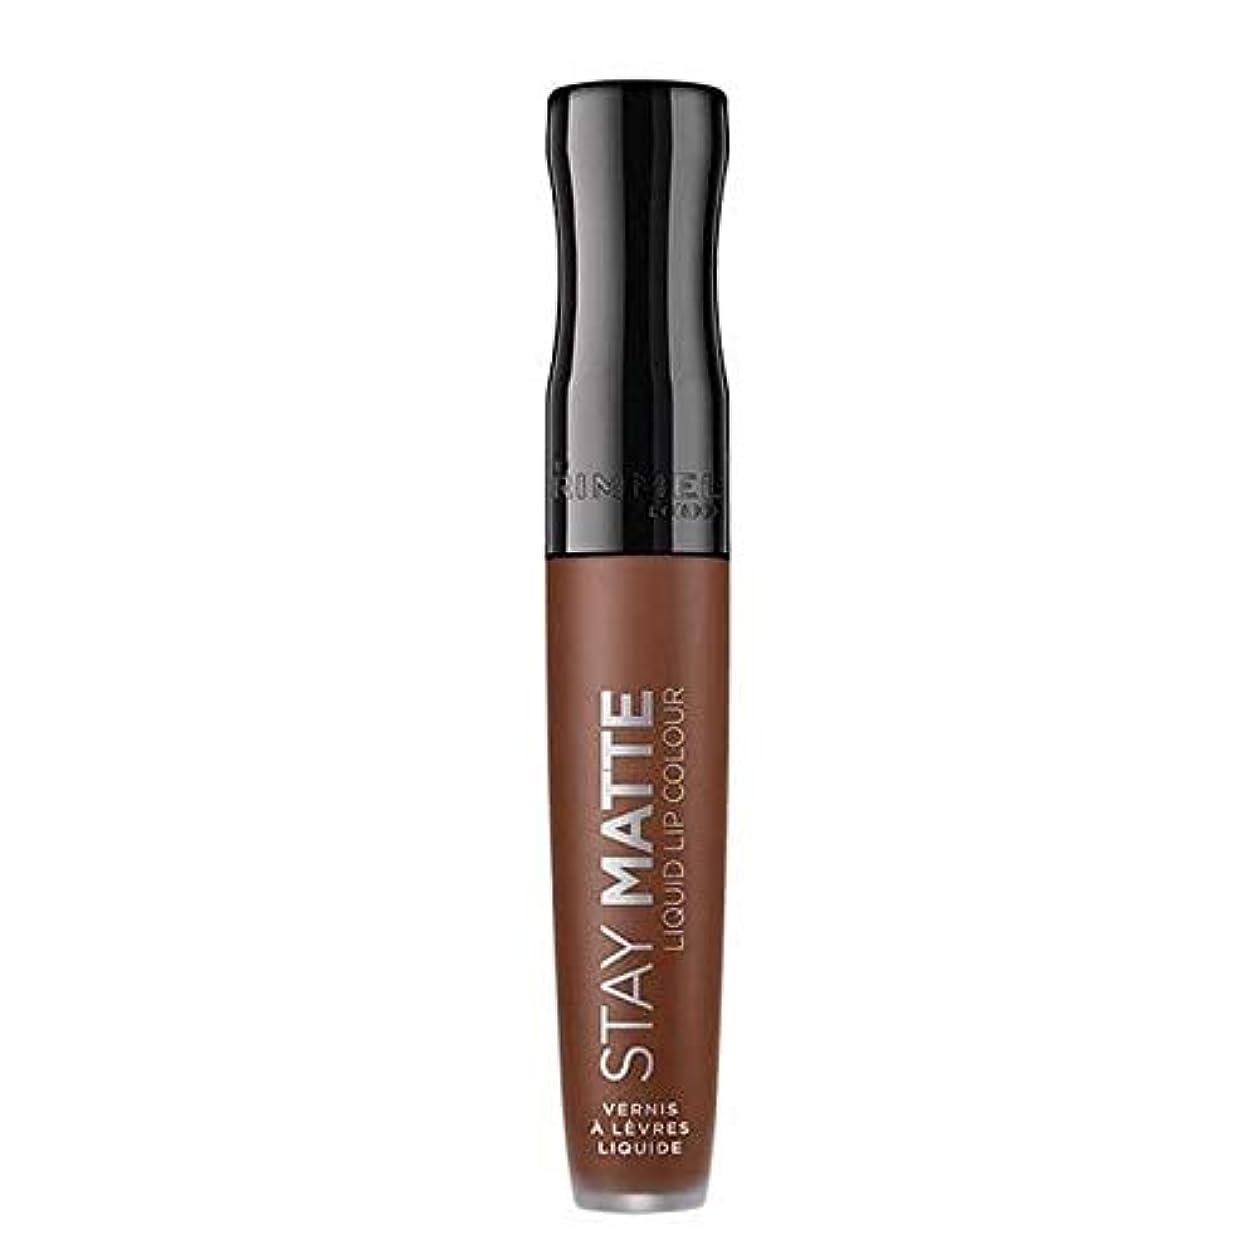 謙虚な出身地ケニア[Rimmel ] スキャンダラスリンメルステイマット液体リップ口紅 - Rimmel Stay Matte Liquid Lip Lipstick Scandalous [並行輸入品]